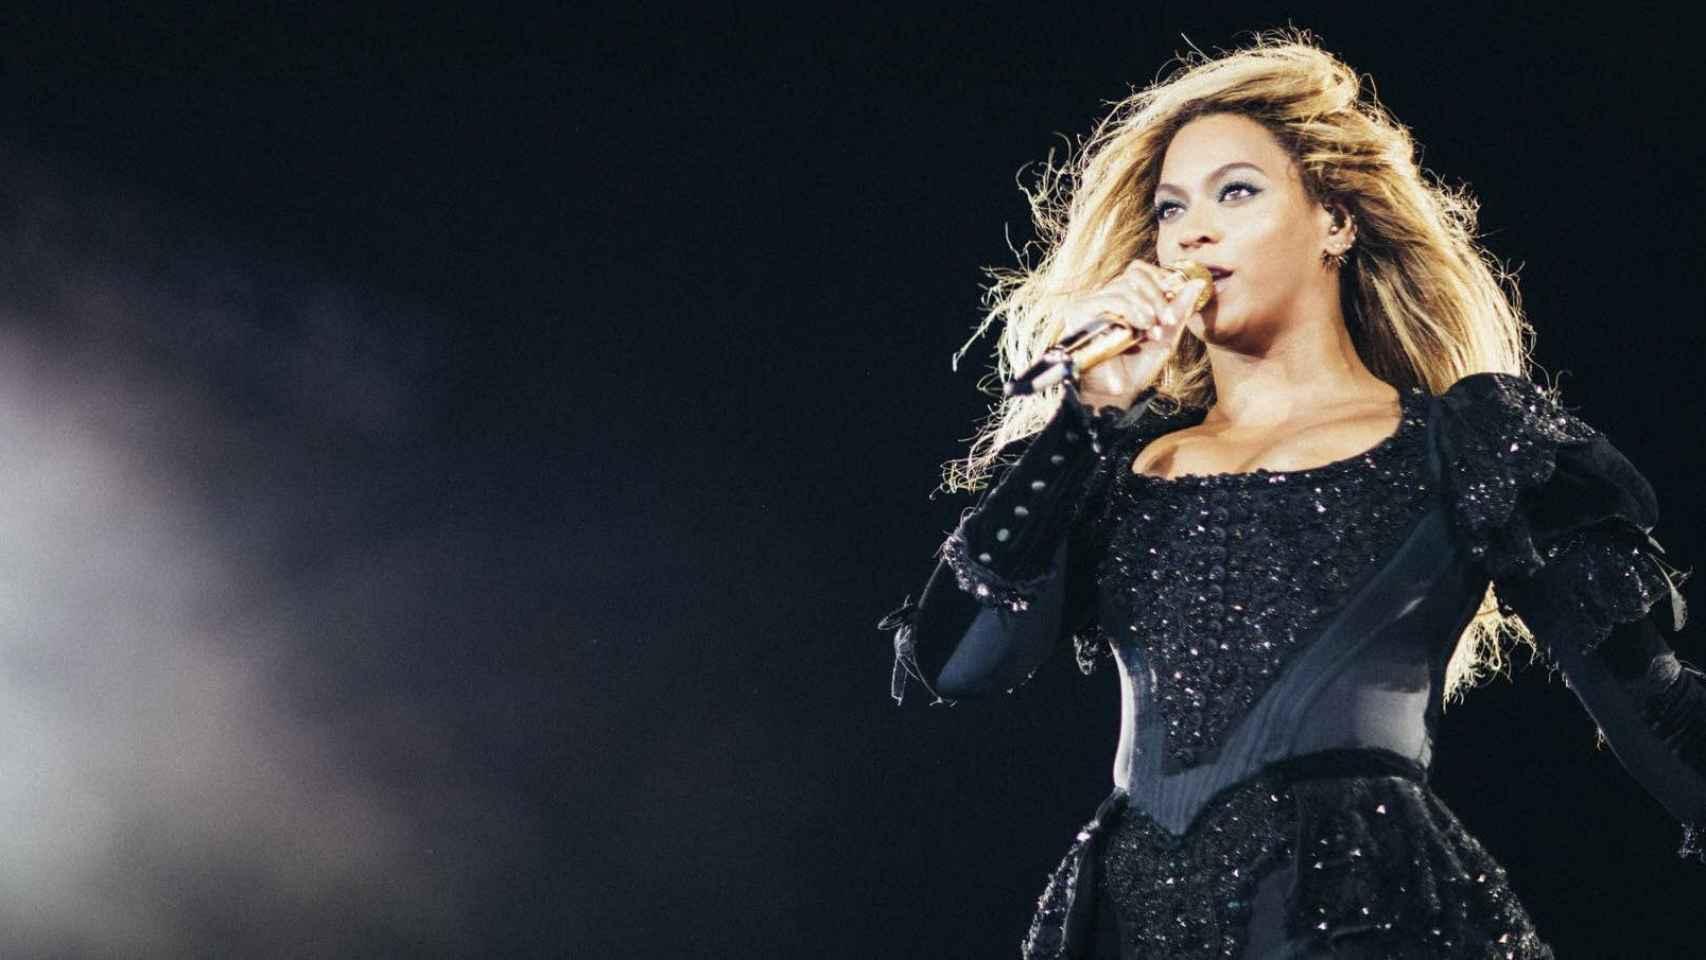 La cantante estadounidense, durante el concierto.